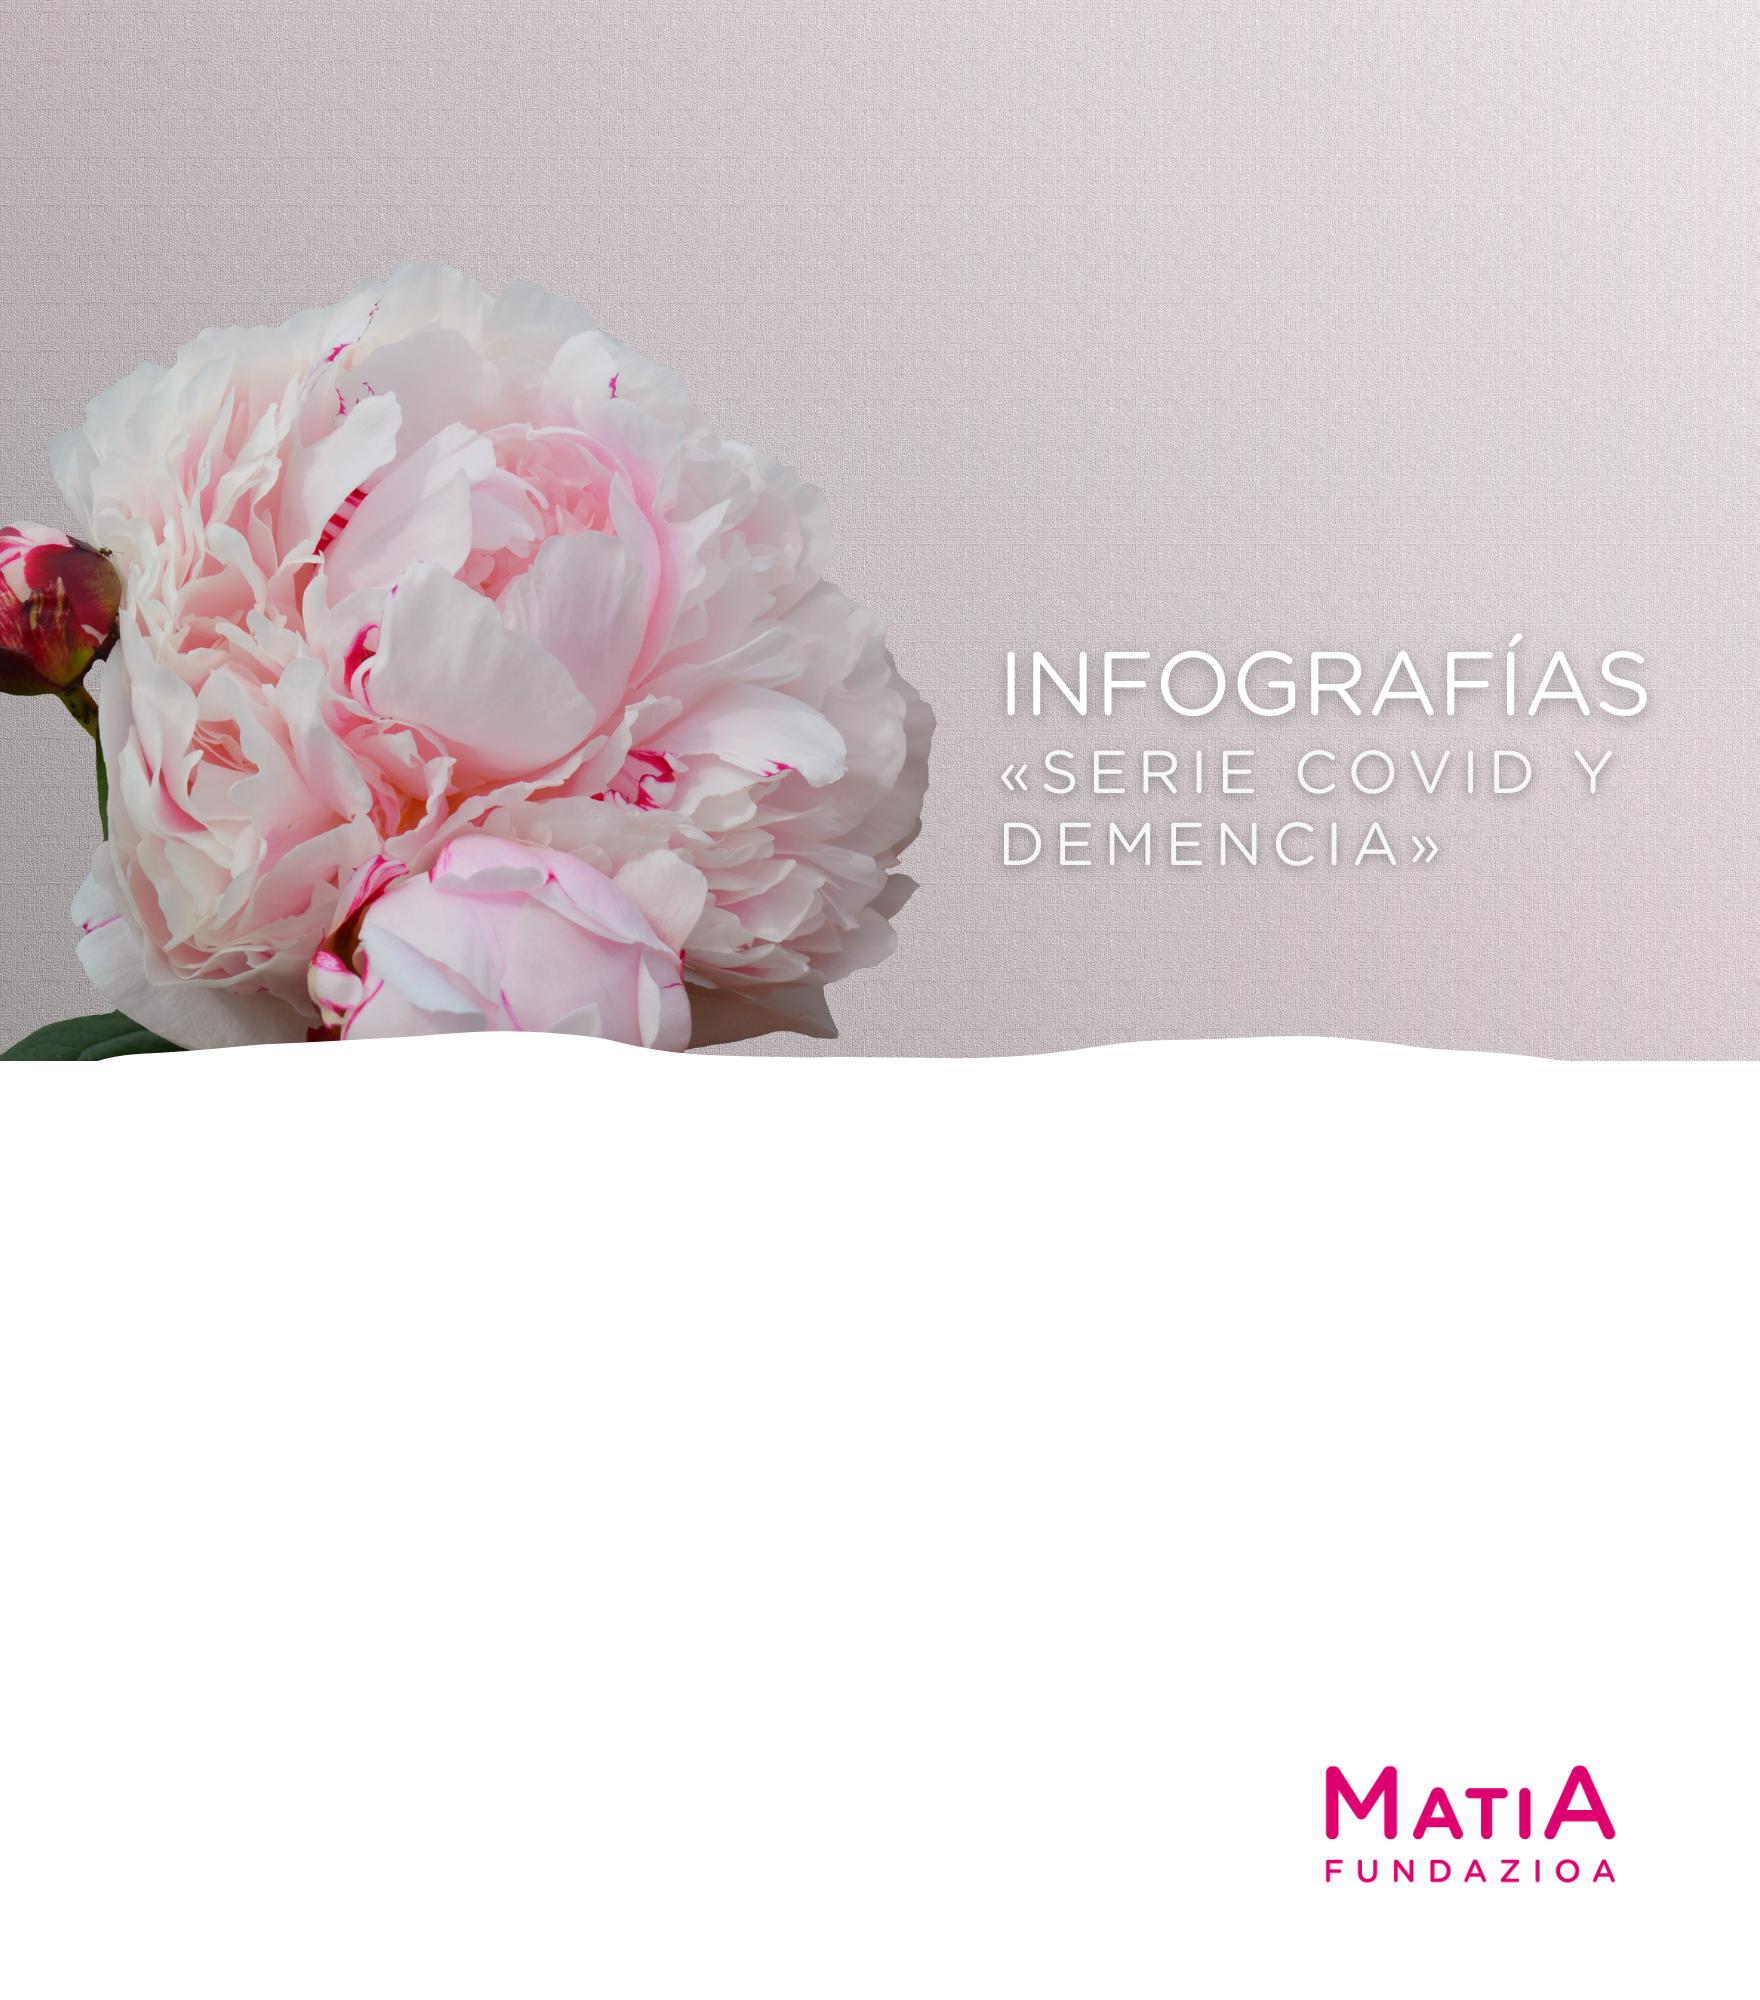 Portada publicación: Infografías. Serie Covid y demencia